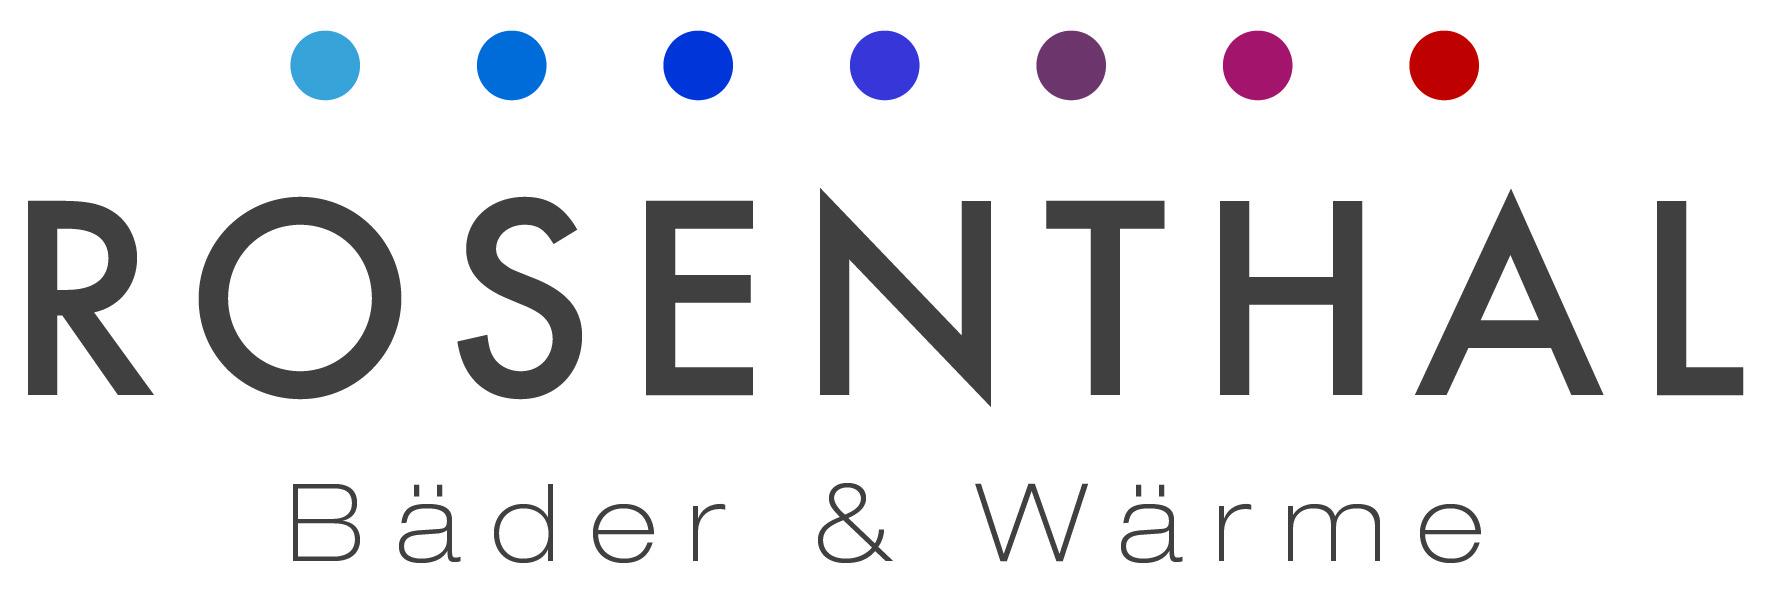 Rosenthal-Logo_4c